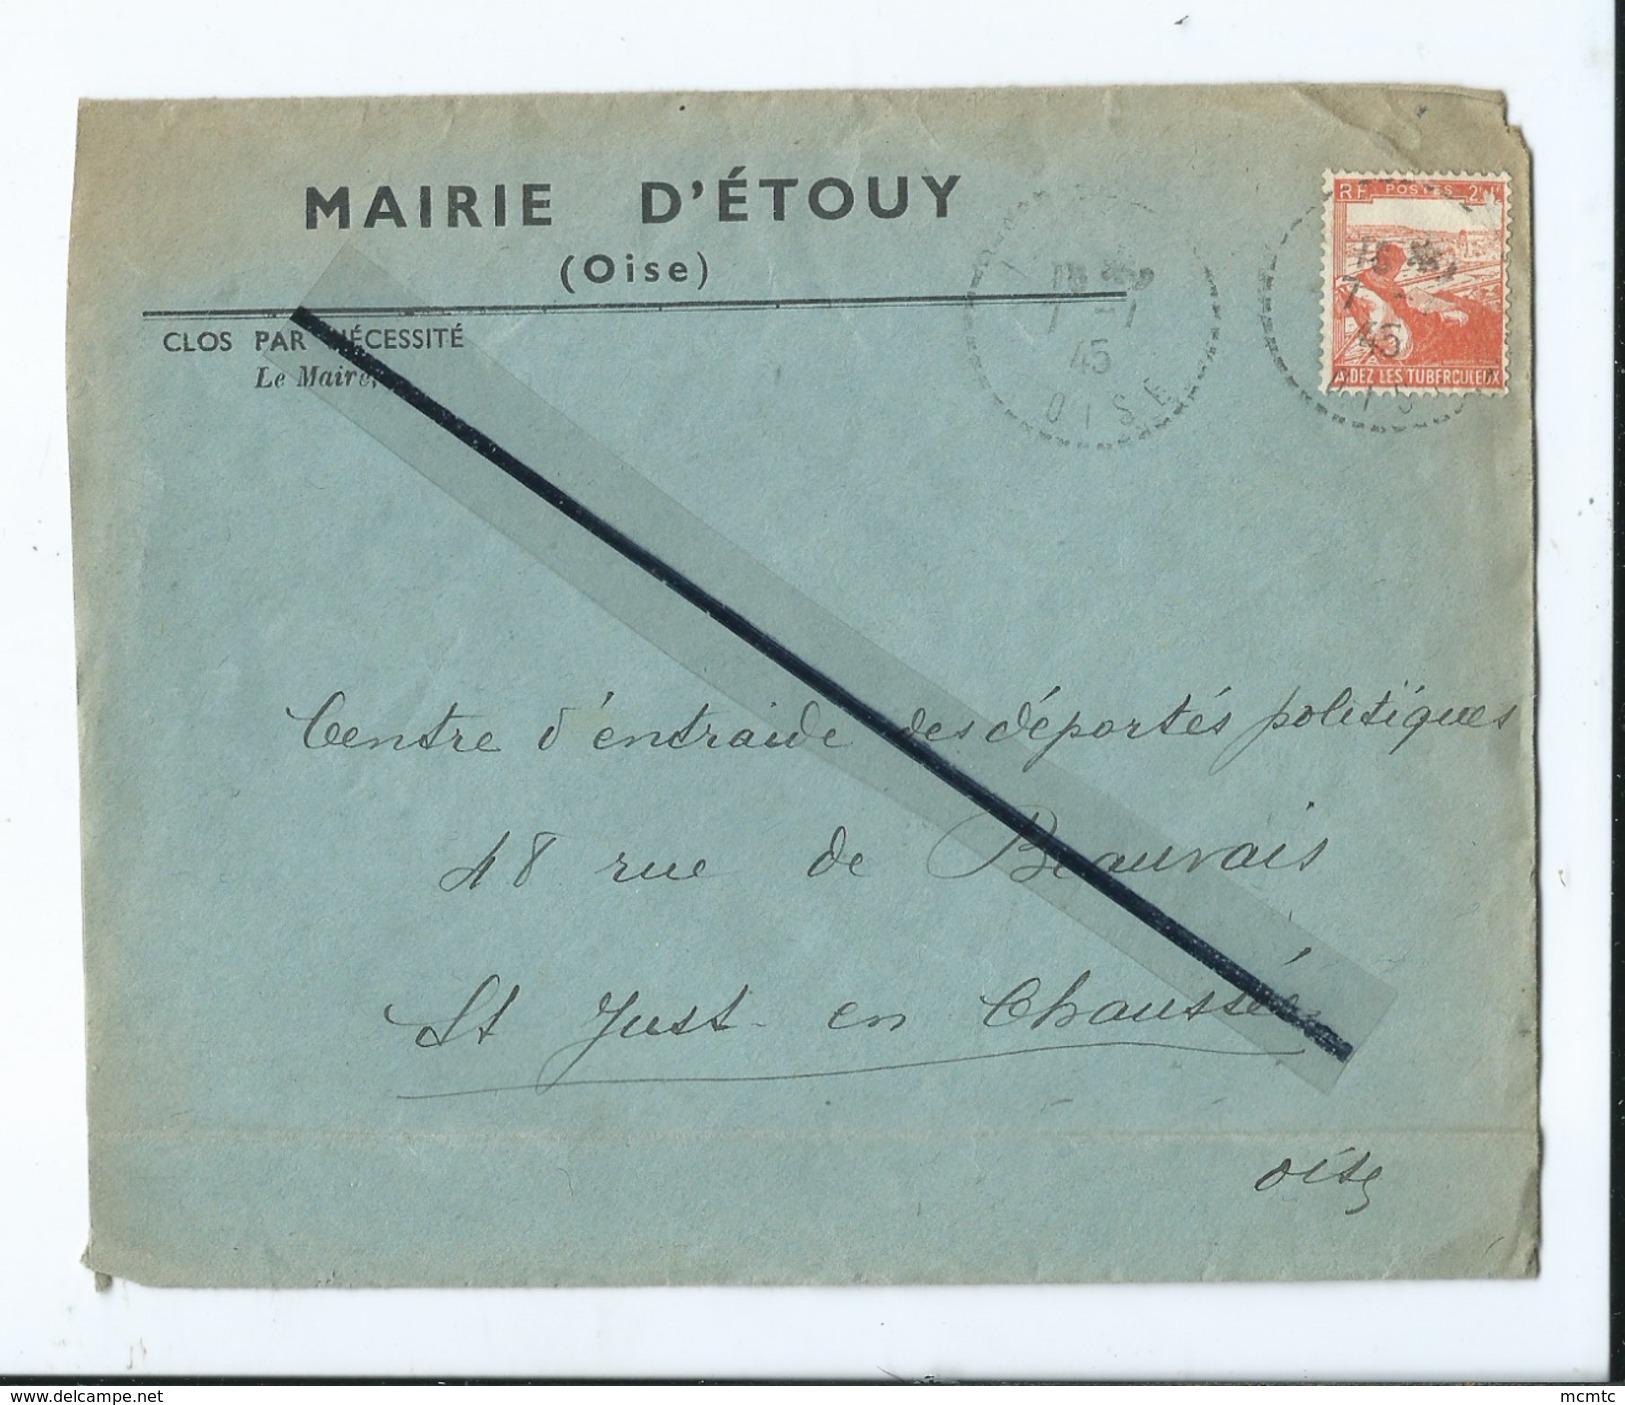 Enveloppe Ancienne De 1945 Timbrée - Mairie D'Etouy  -(Oise ) - Marcophilie (Lettres)